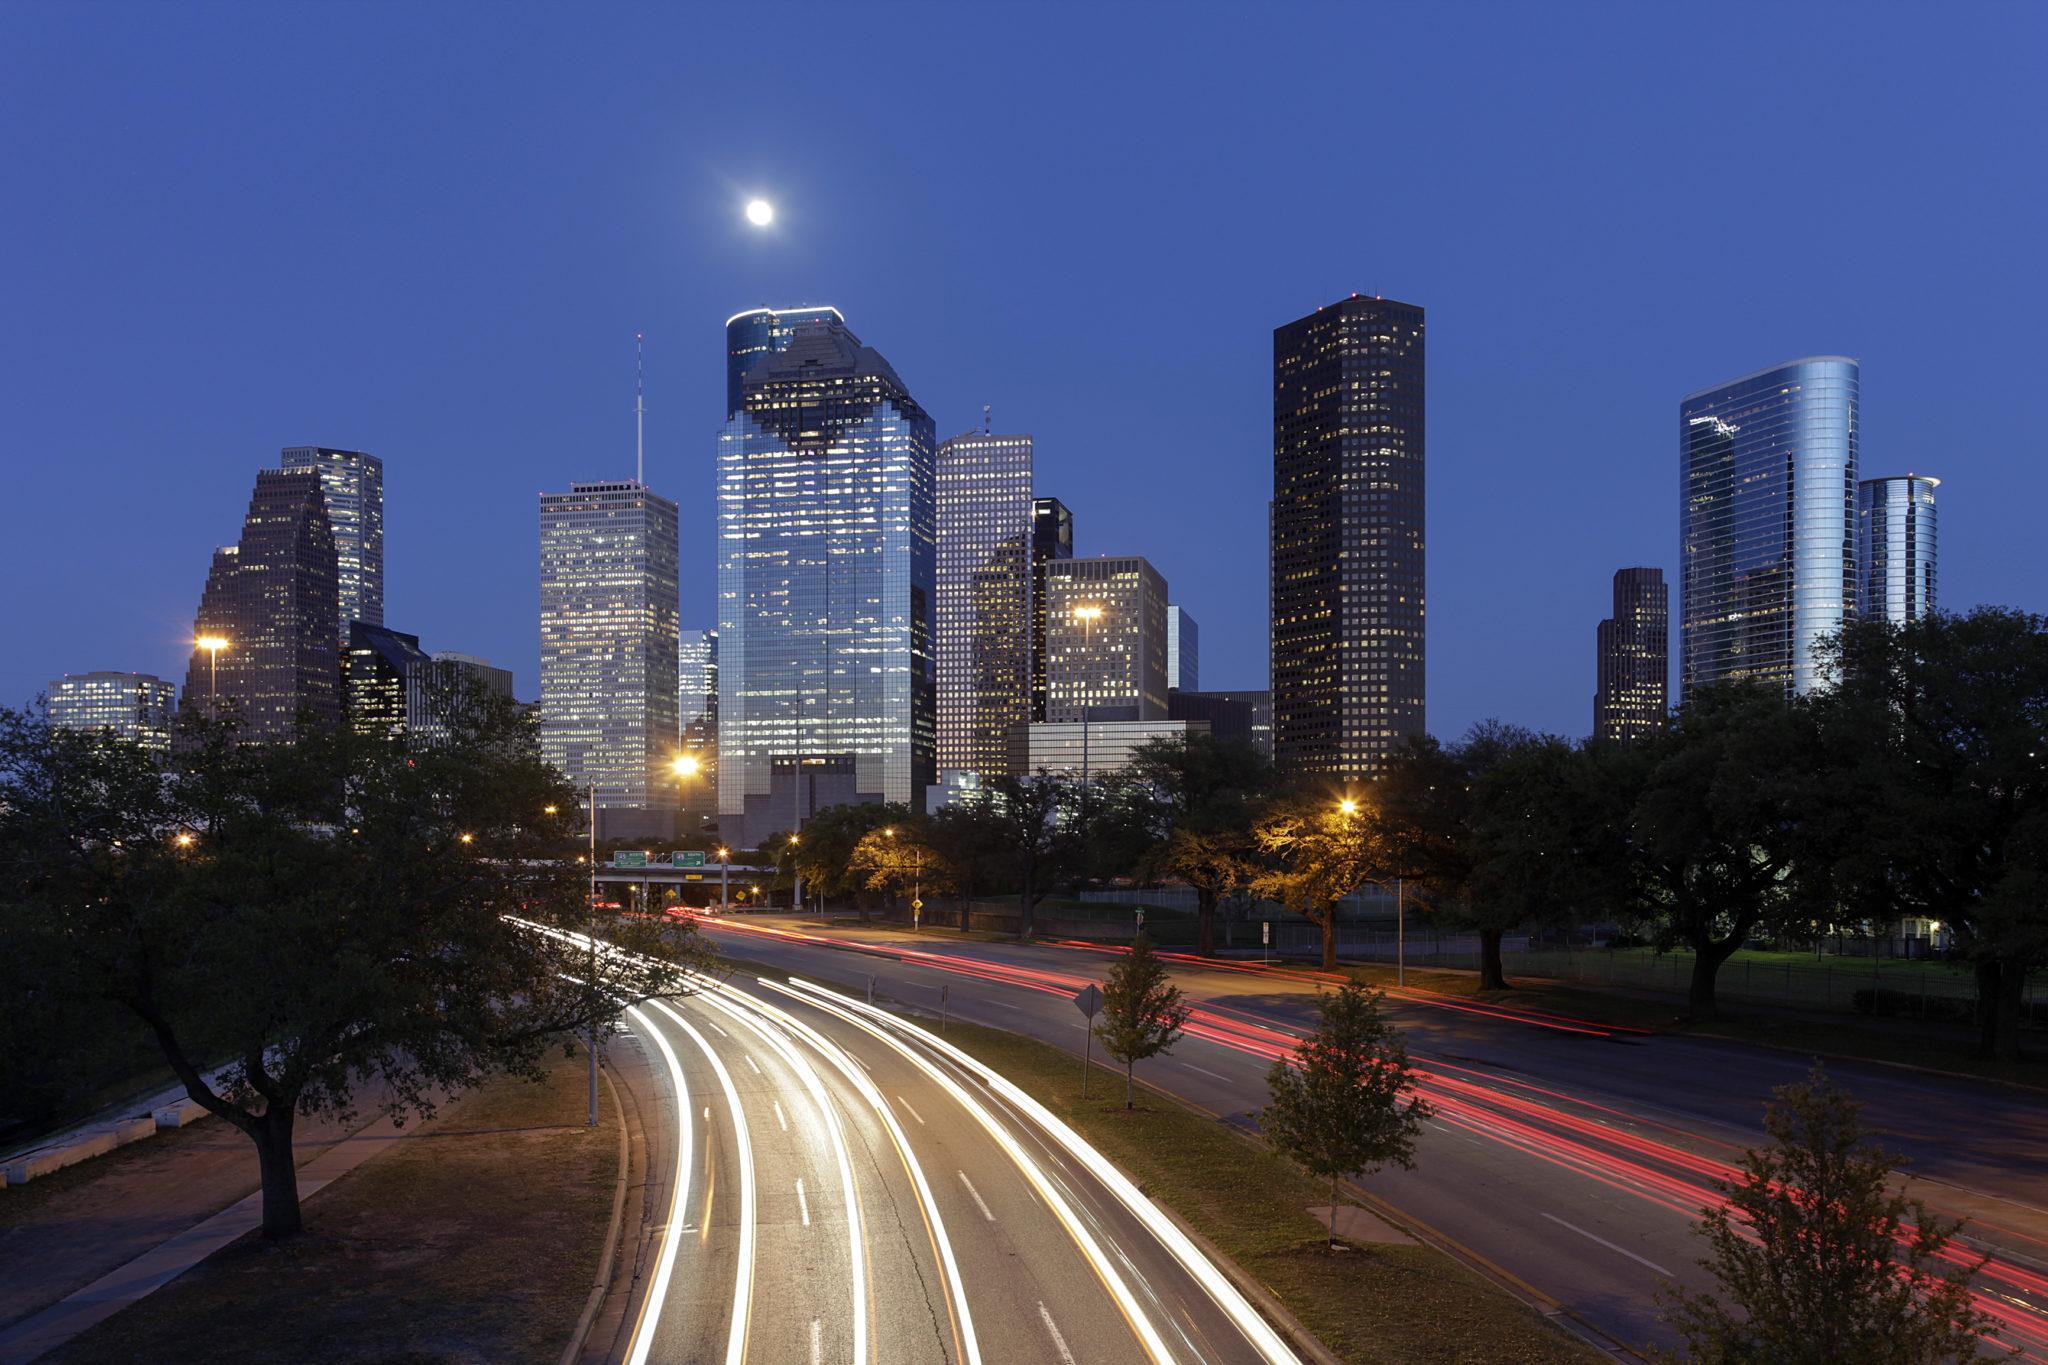 Houston image via Shutterstock.